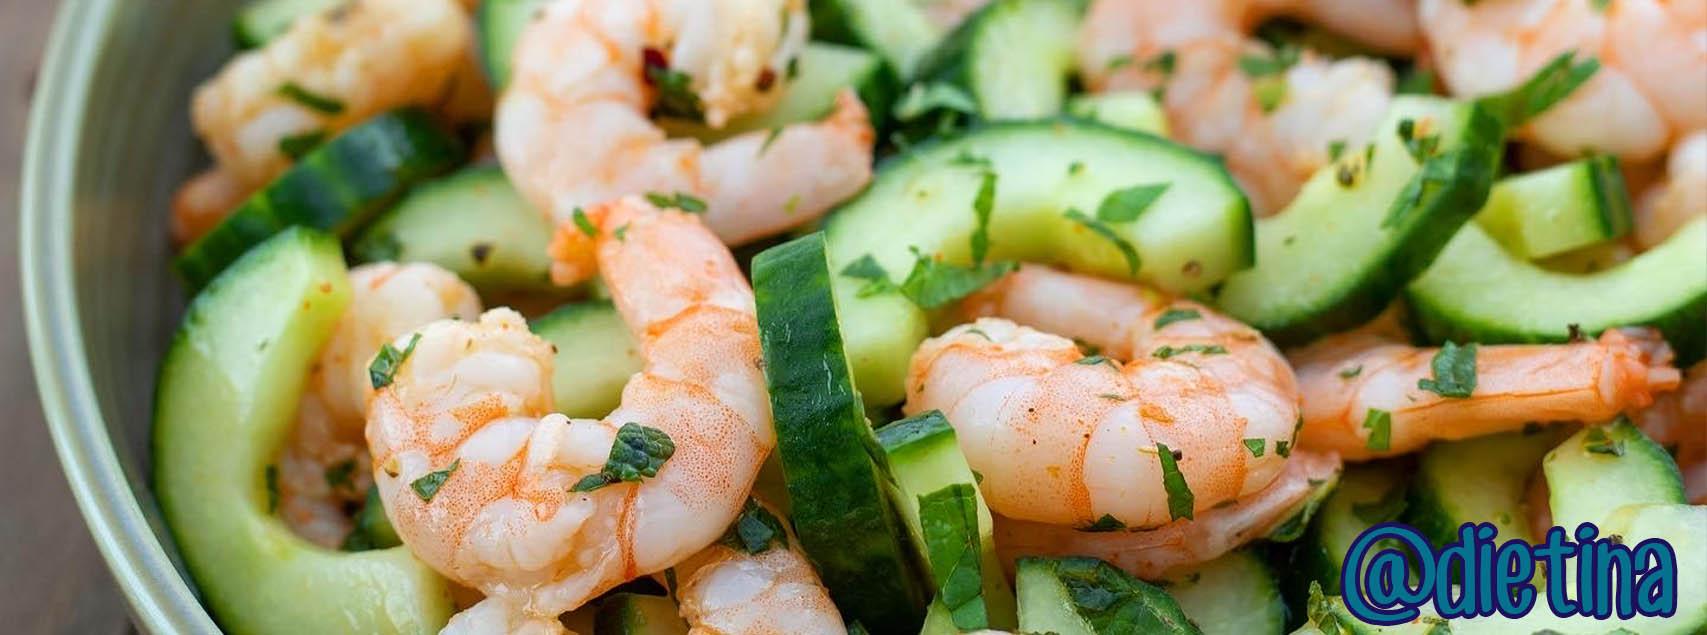 Salade de crevettes et concombre